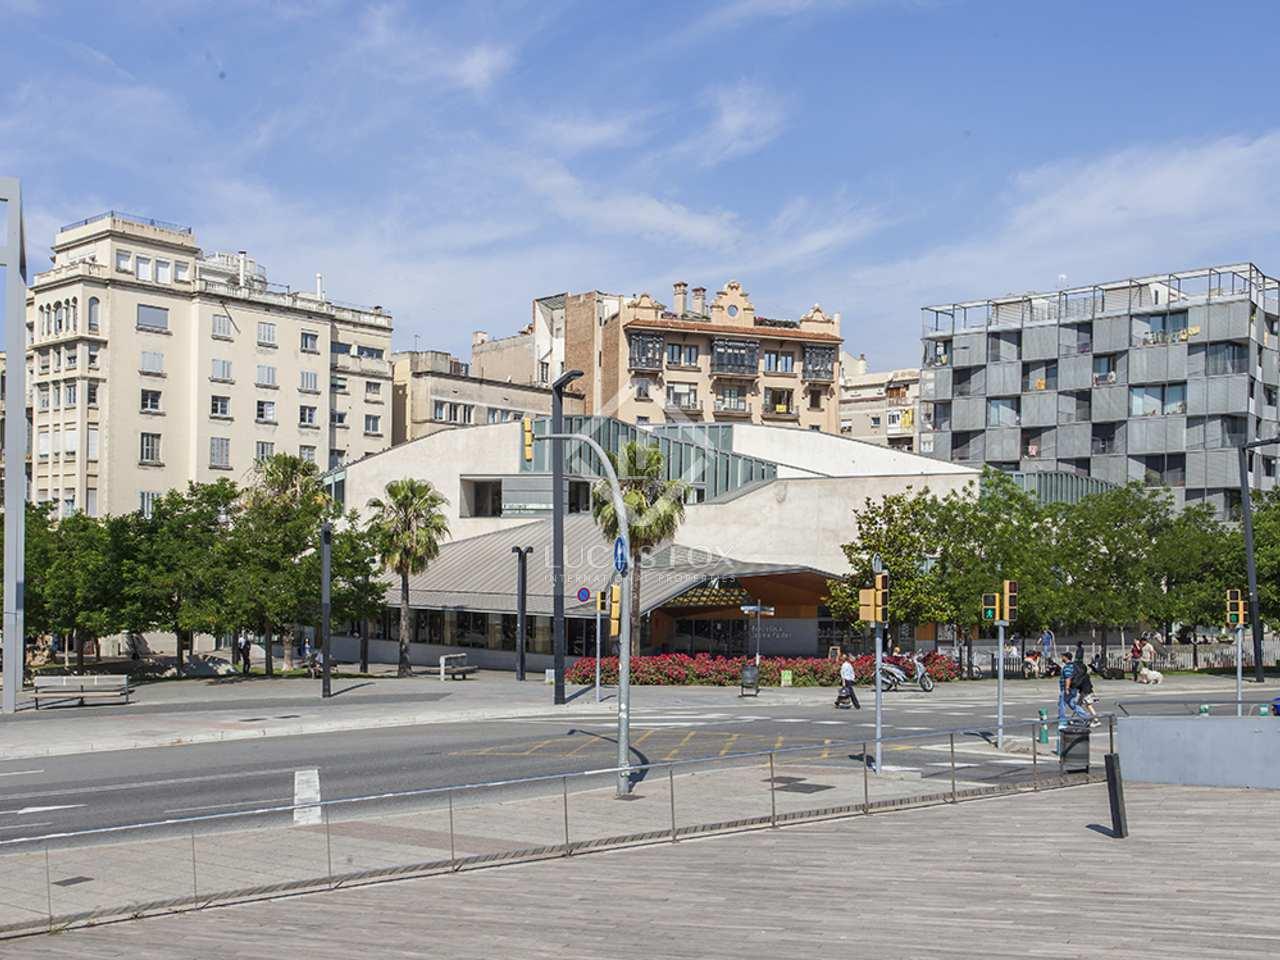 Appartement de 92m a vendre gr cia barcelone - Appartement de ville anton bazaliiskii ...